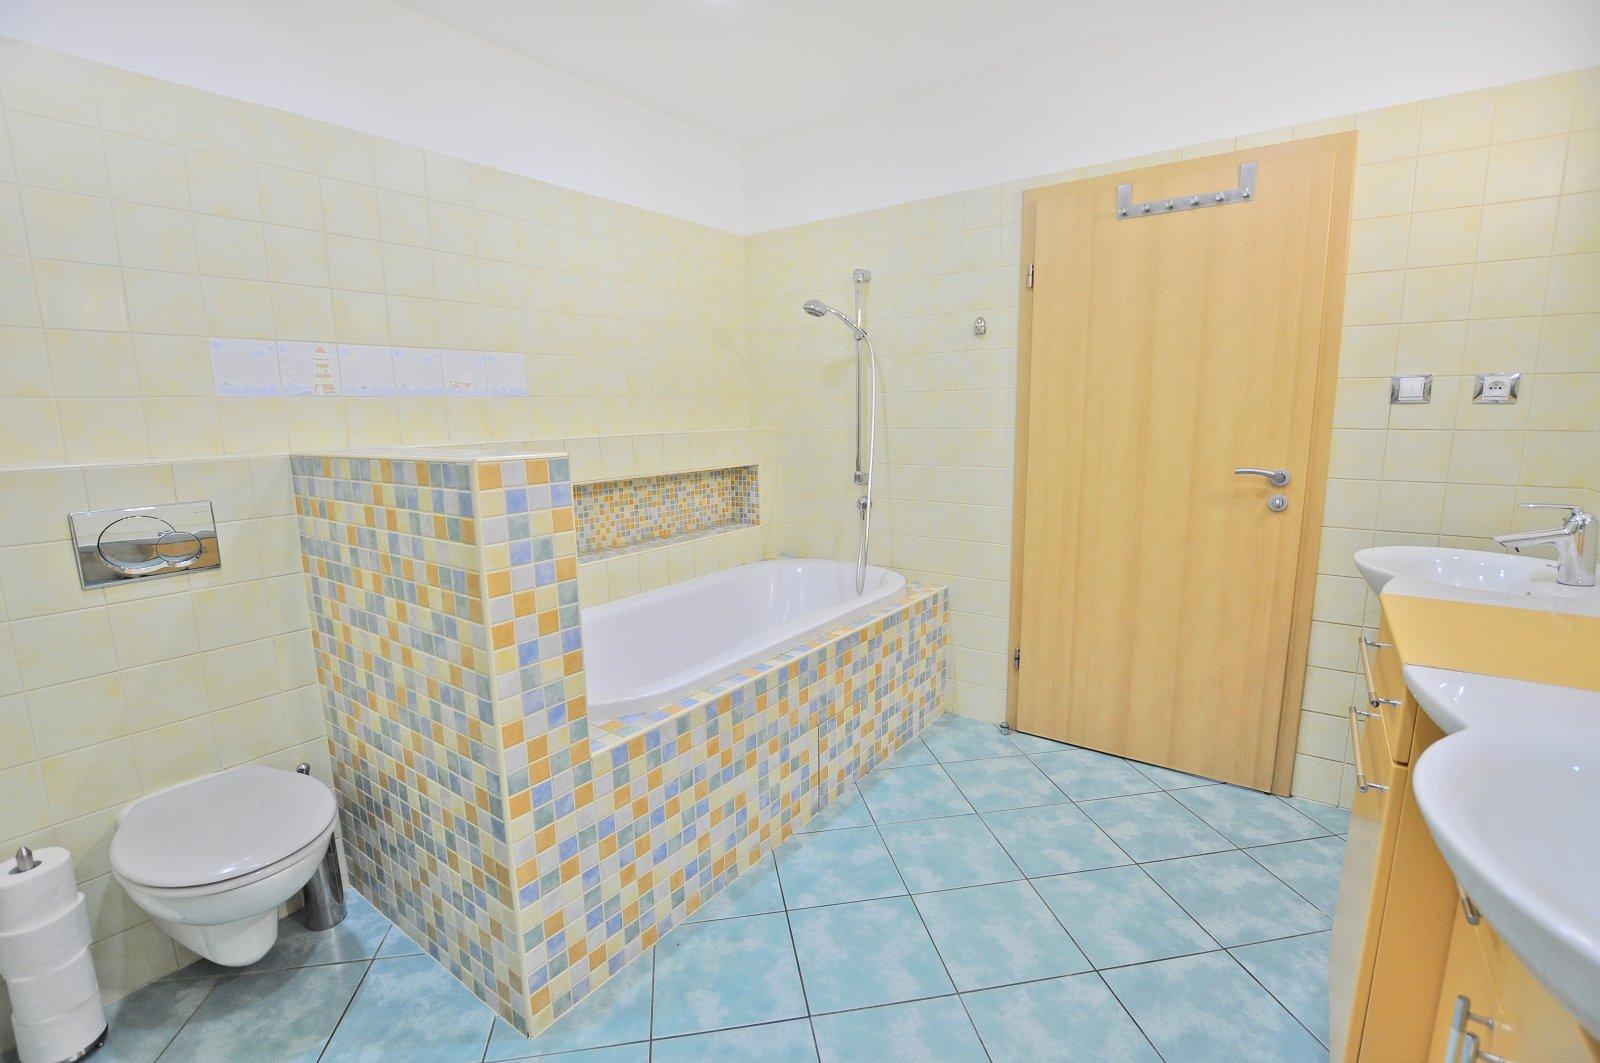 Prodáno: Zděný byt 4+1 po kompletní rekonstrukci, včetně vybavení, Trutnov - centrum, ul. Lípová